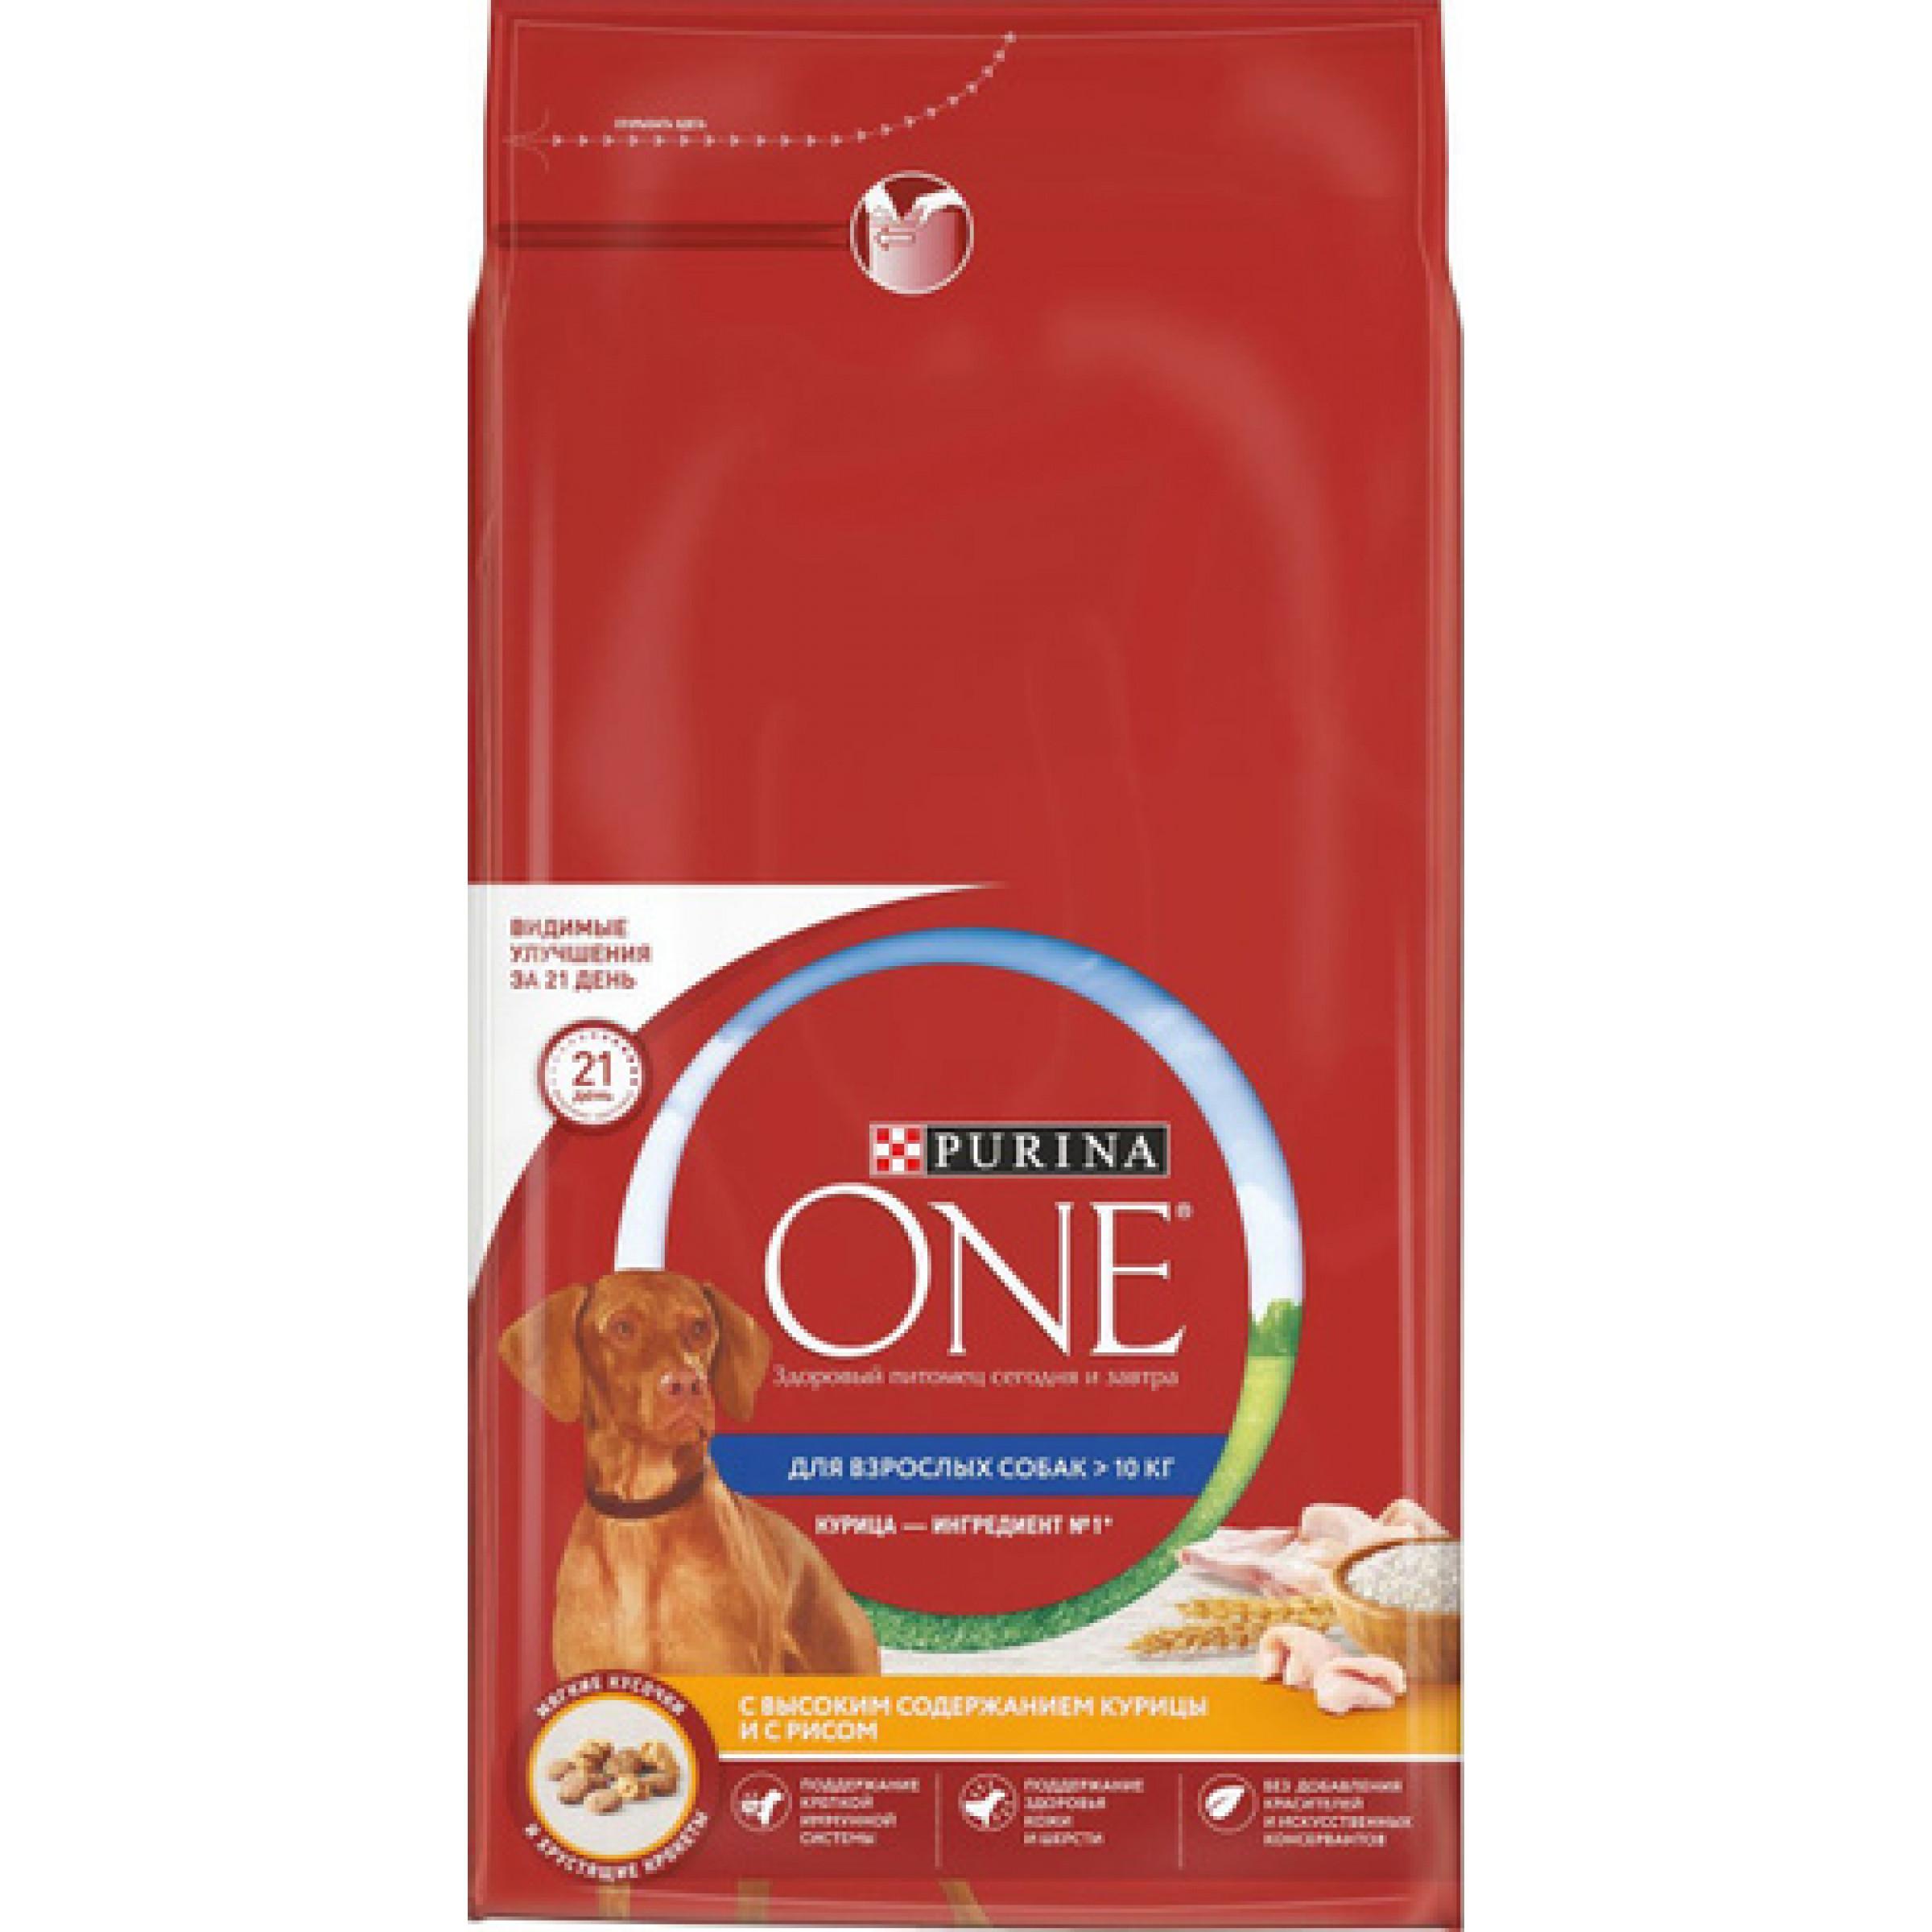 """Сухой корм """"Purina ONE"""" для взрослых собак средних и крупных пород, с высоким содержанием курицы и с рисом, 10кг."""